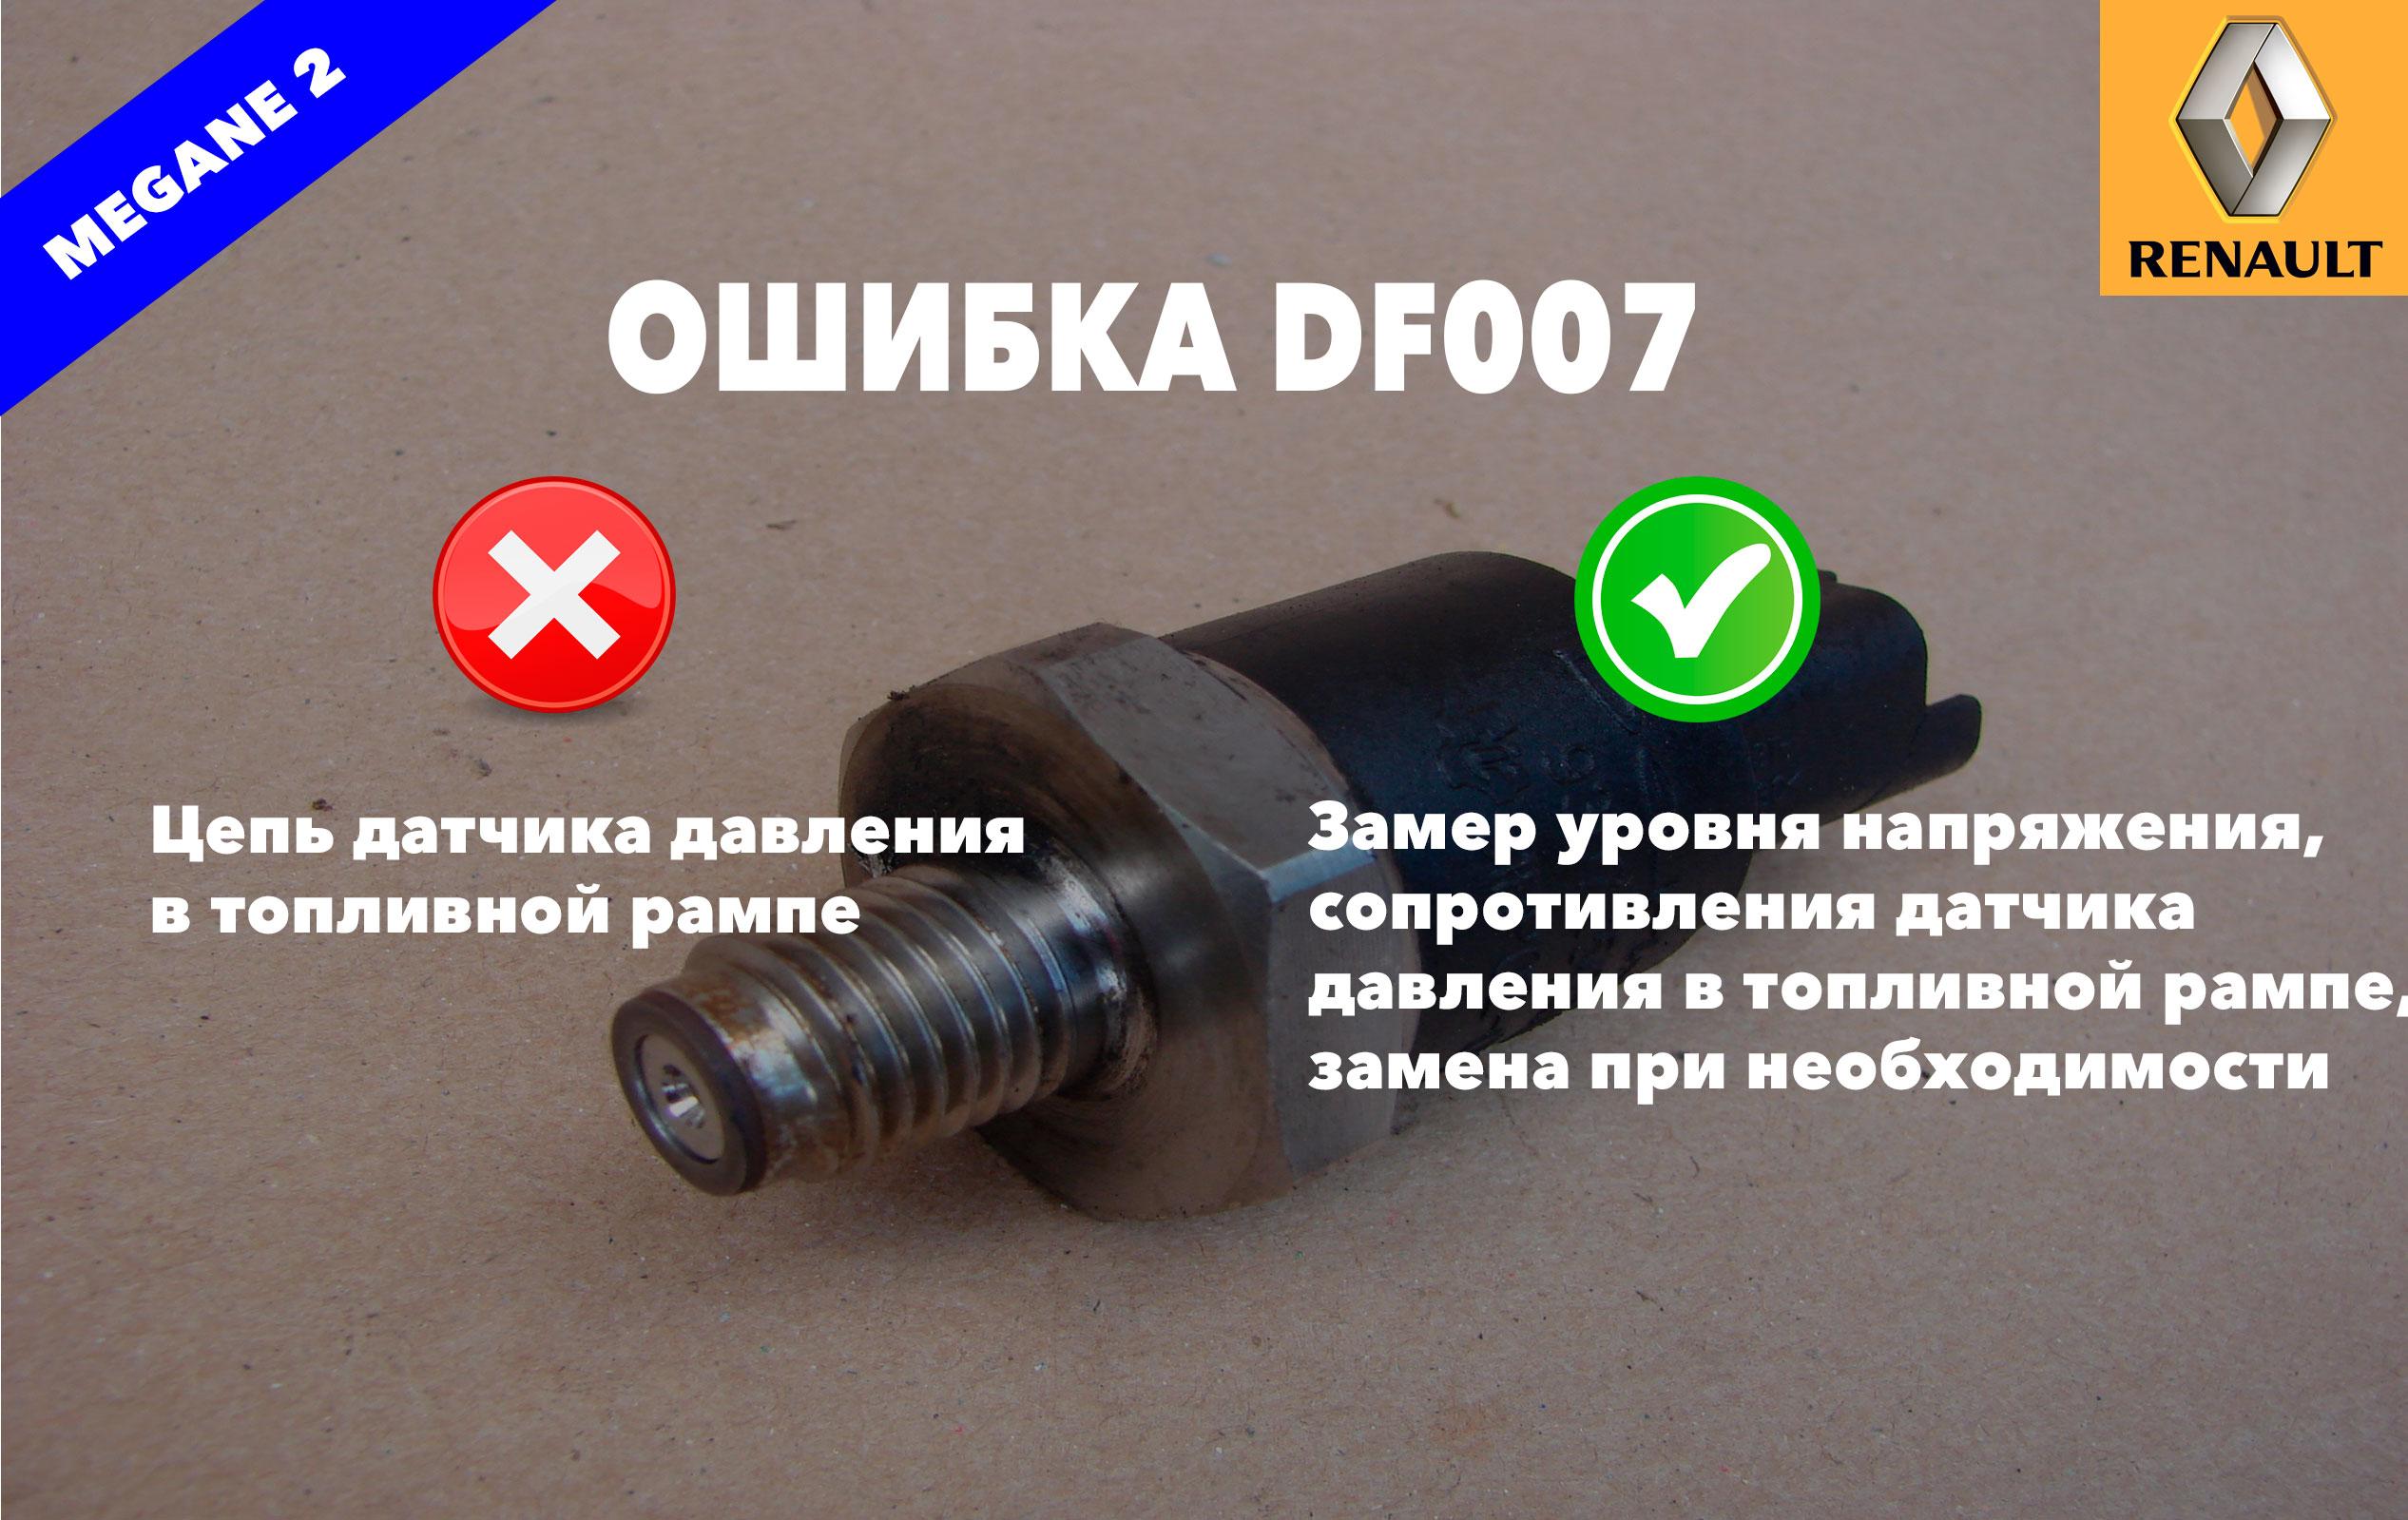 Рено Меган 2 код ошибки DF007 – цепь датчика давления в топливной рампе